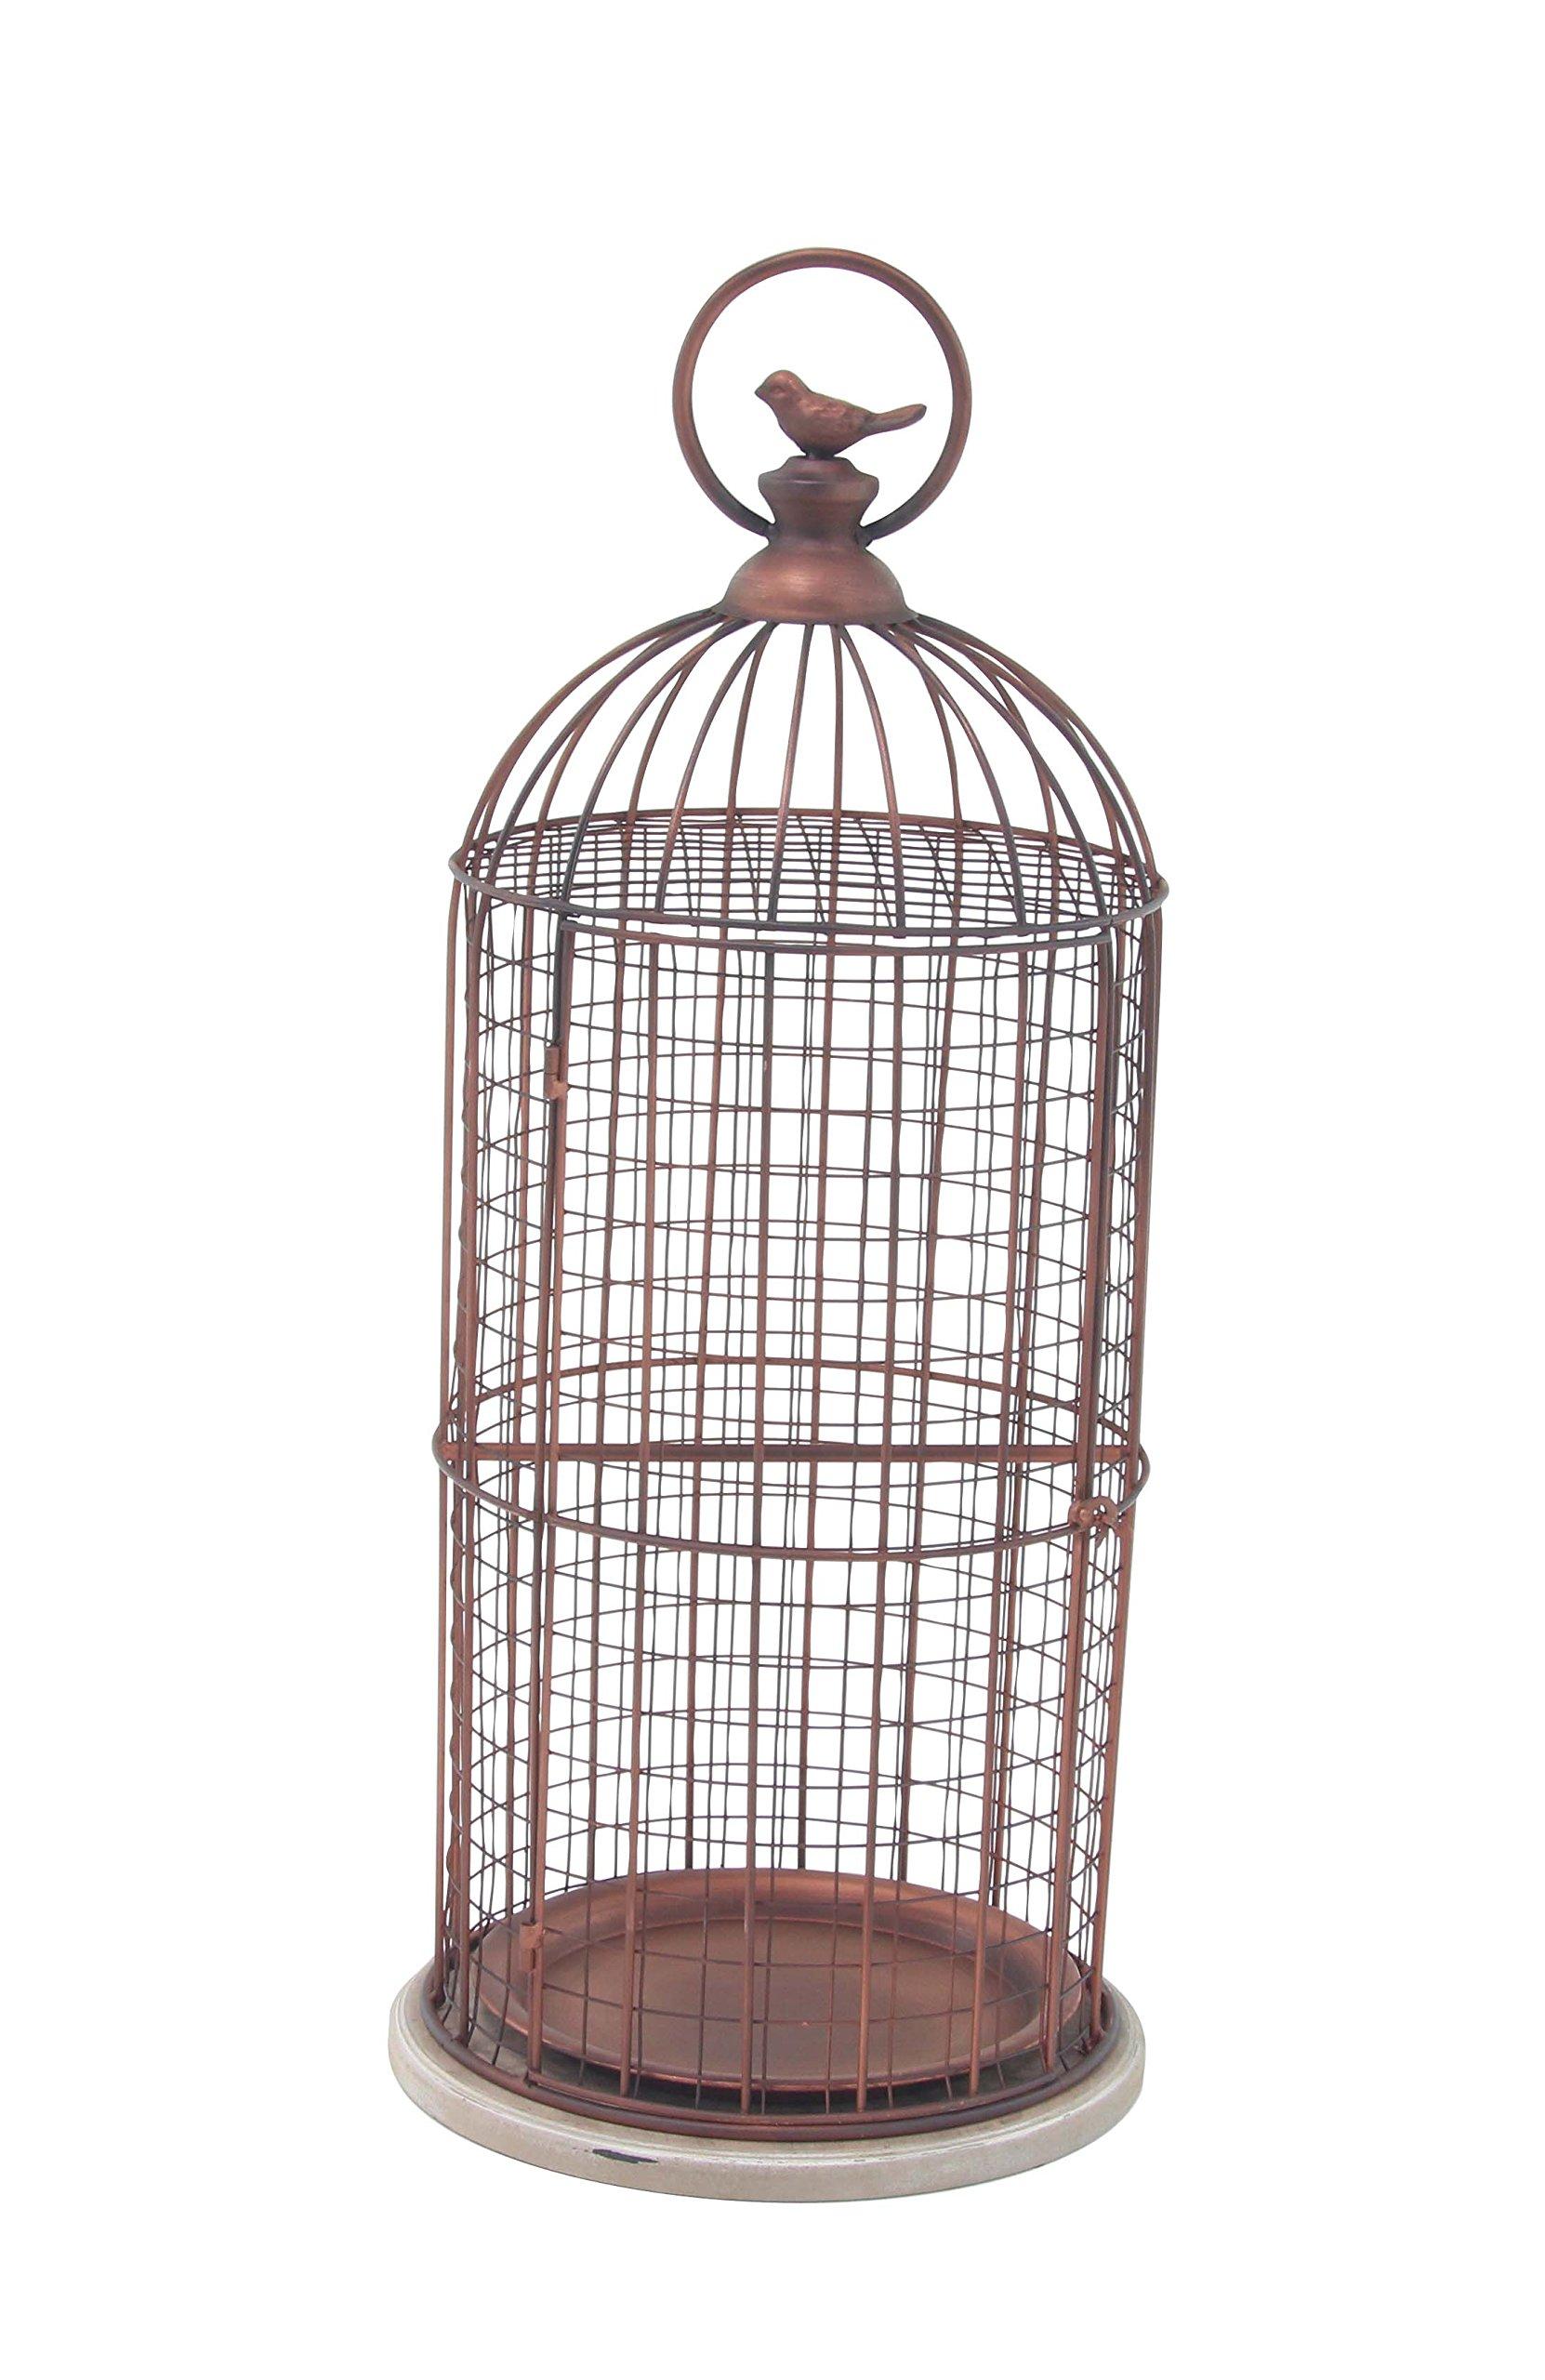 Deco 79 94673 Decorative Bird Cage, Bronze/White by Deco 79